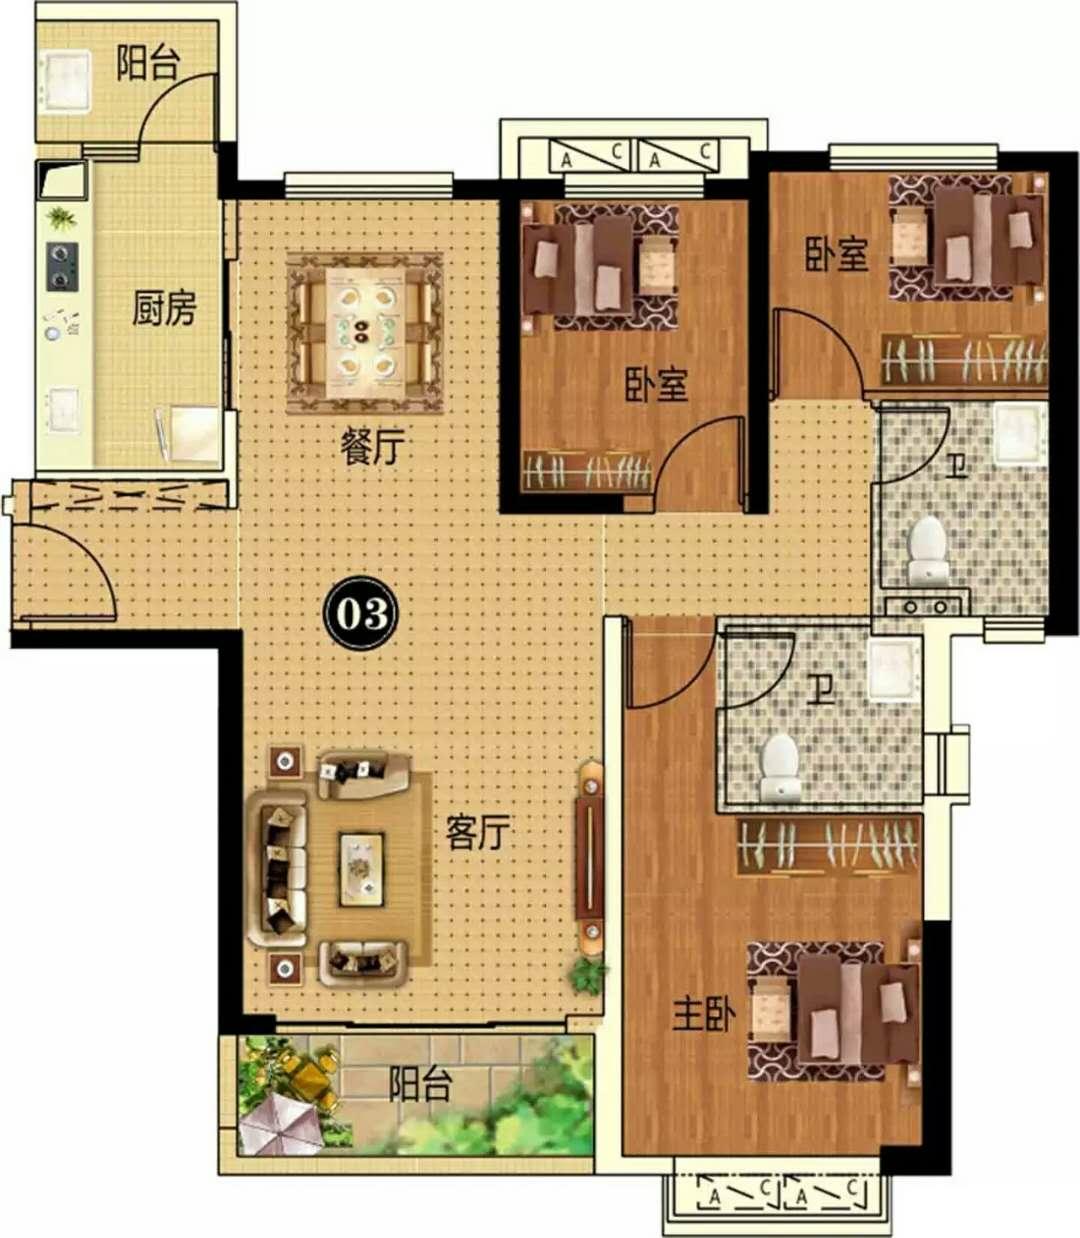 14#  3房2厅2卫 约128㎡